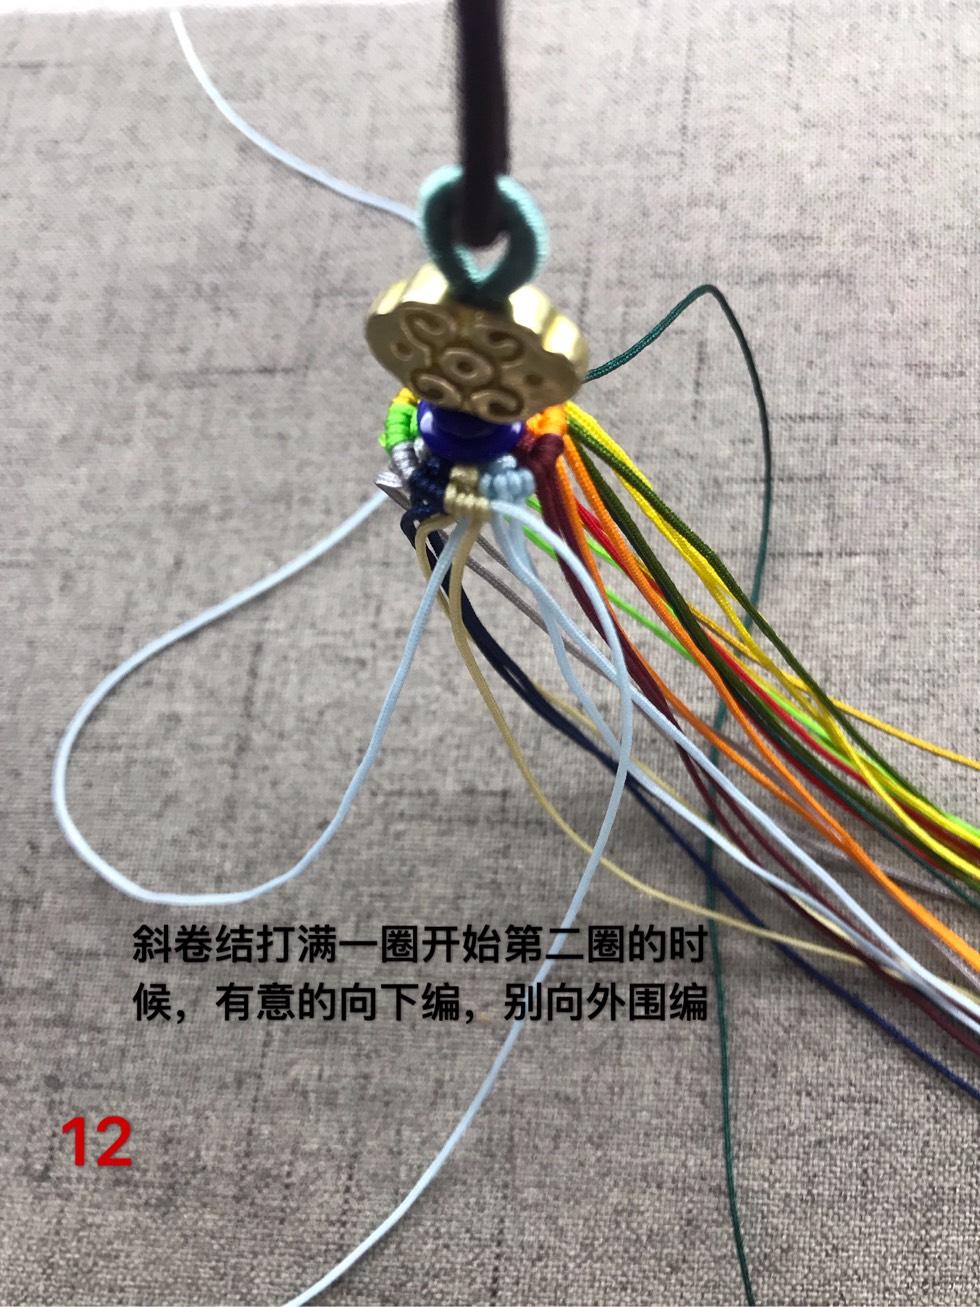 中国结论坛 迷你藏式转经筒  图文教程区 135337zkd8ipp45mfmddid